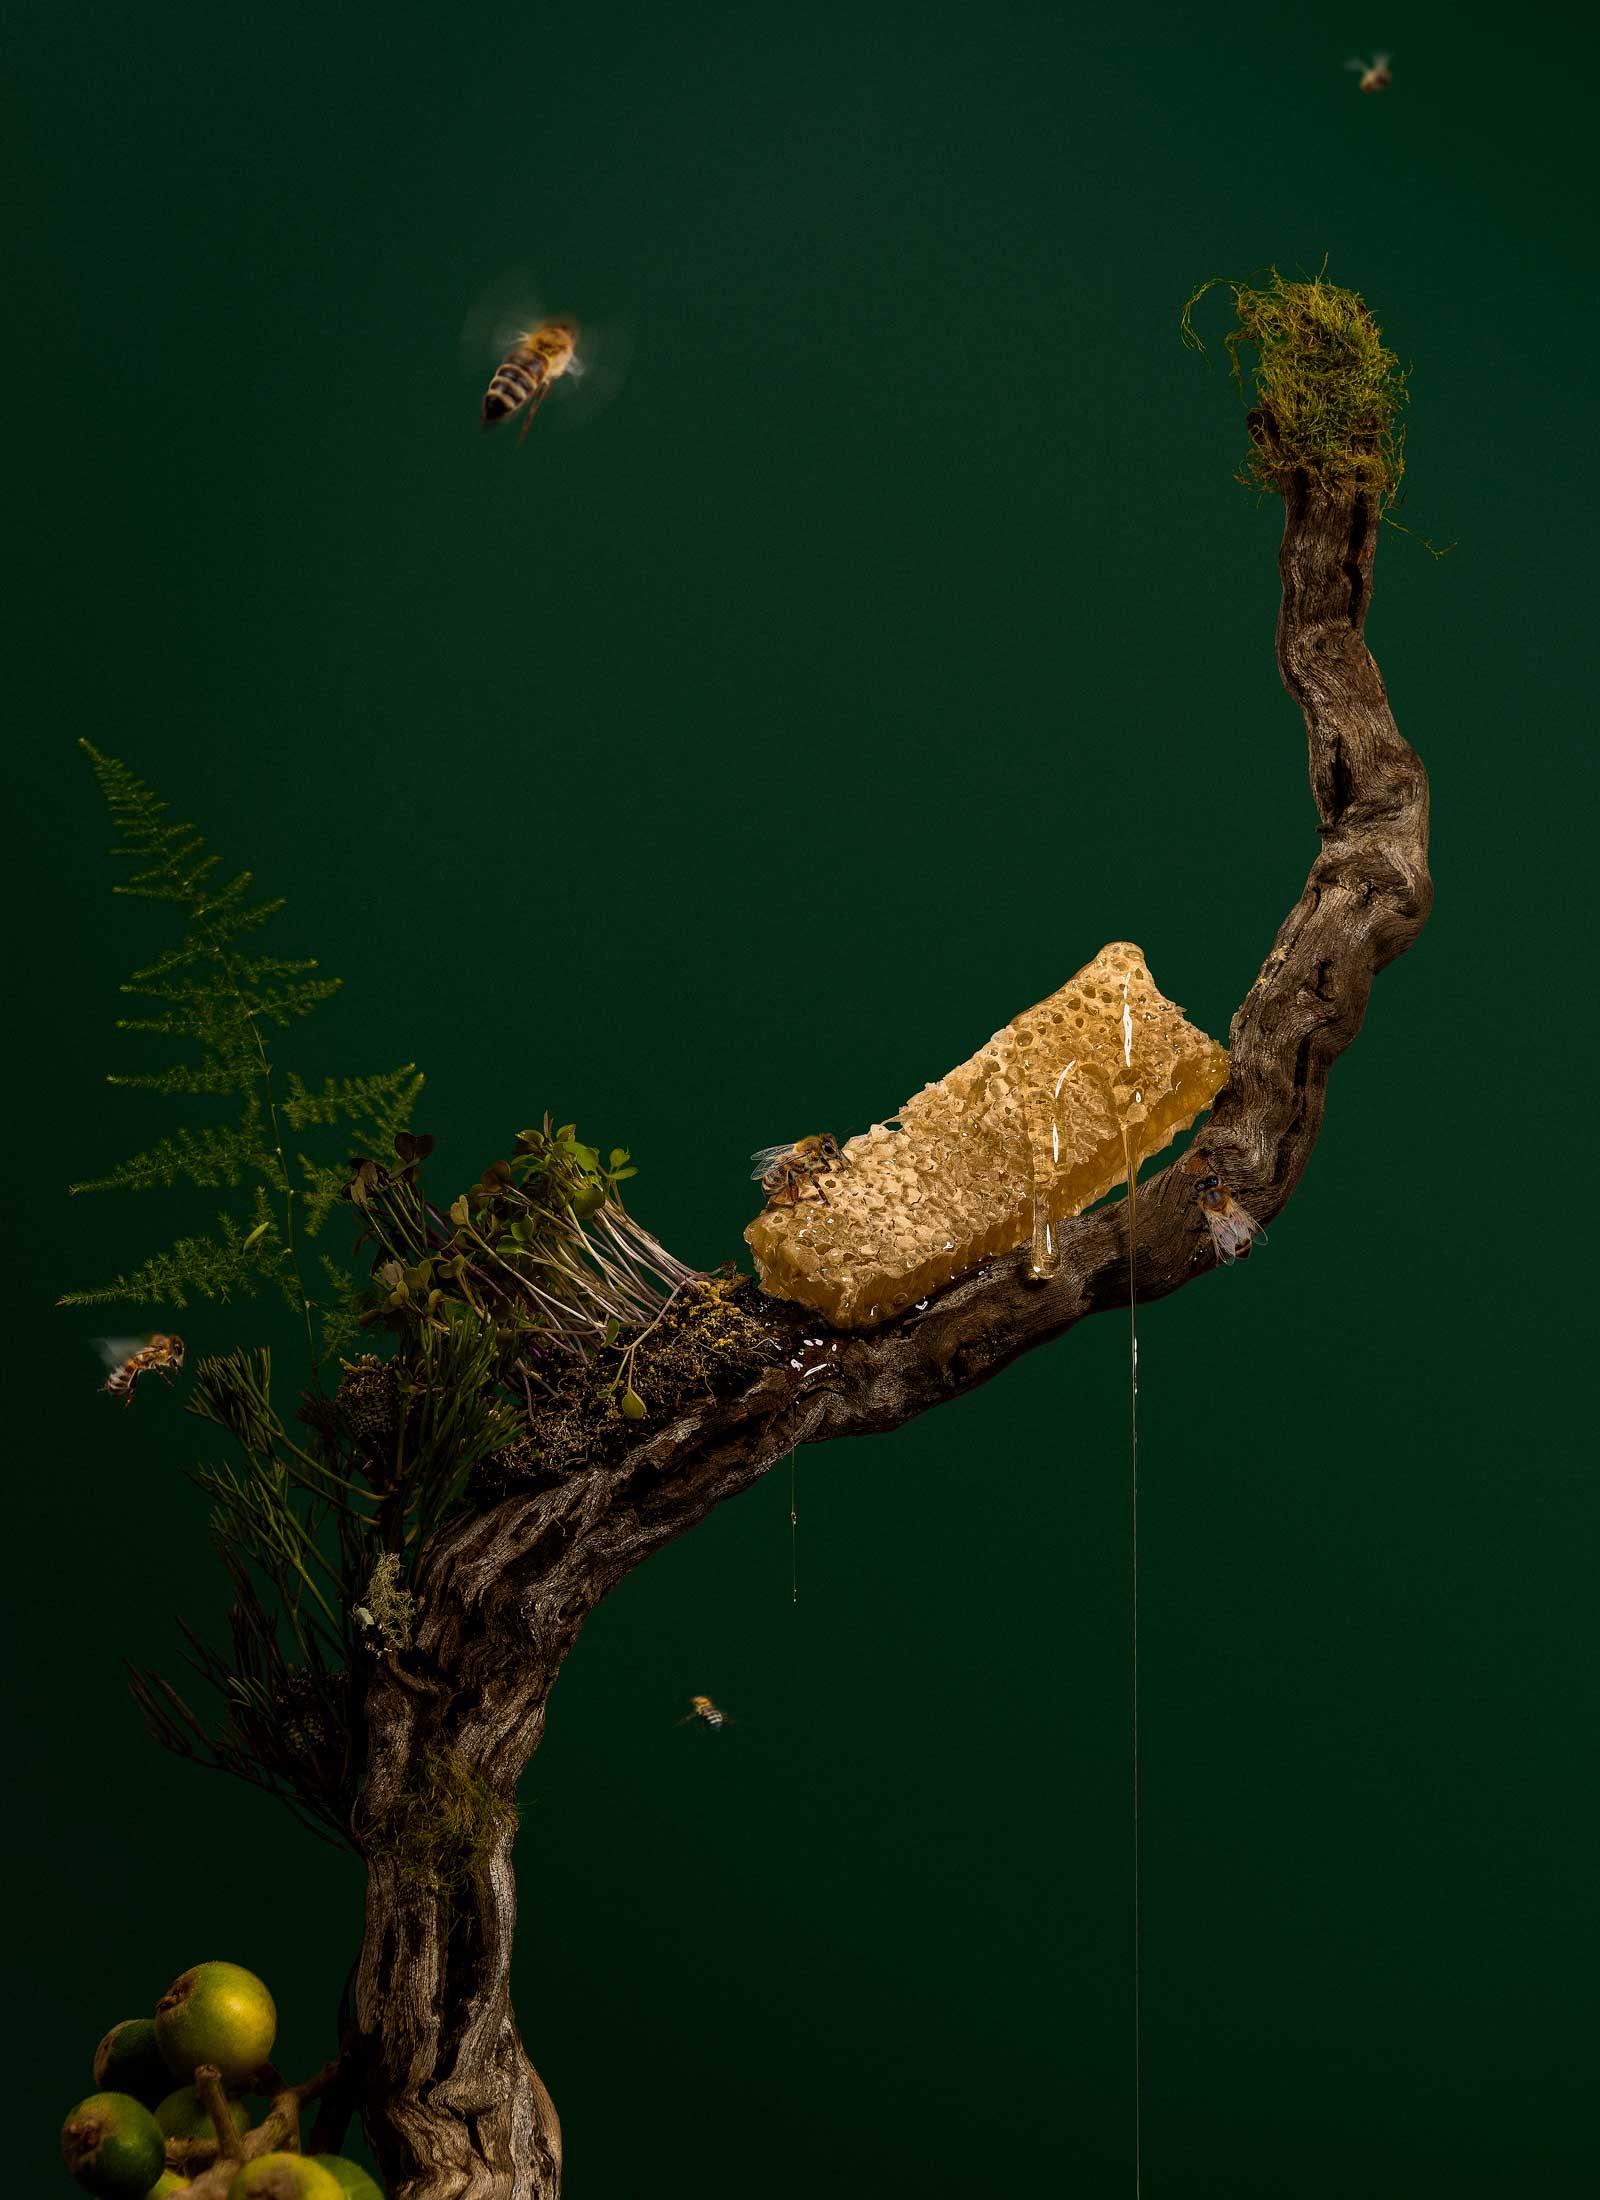 abejas-microgreens-estudio-como